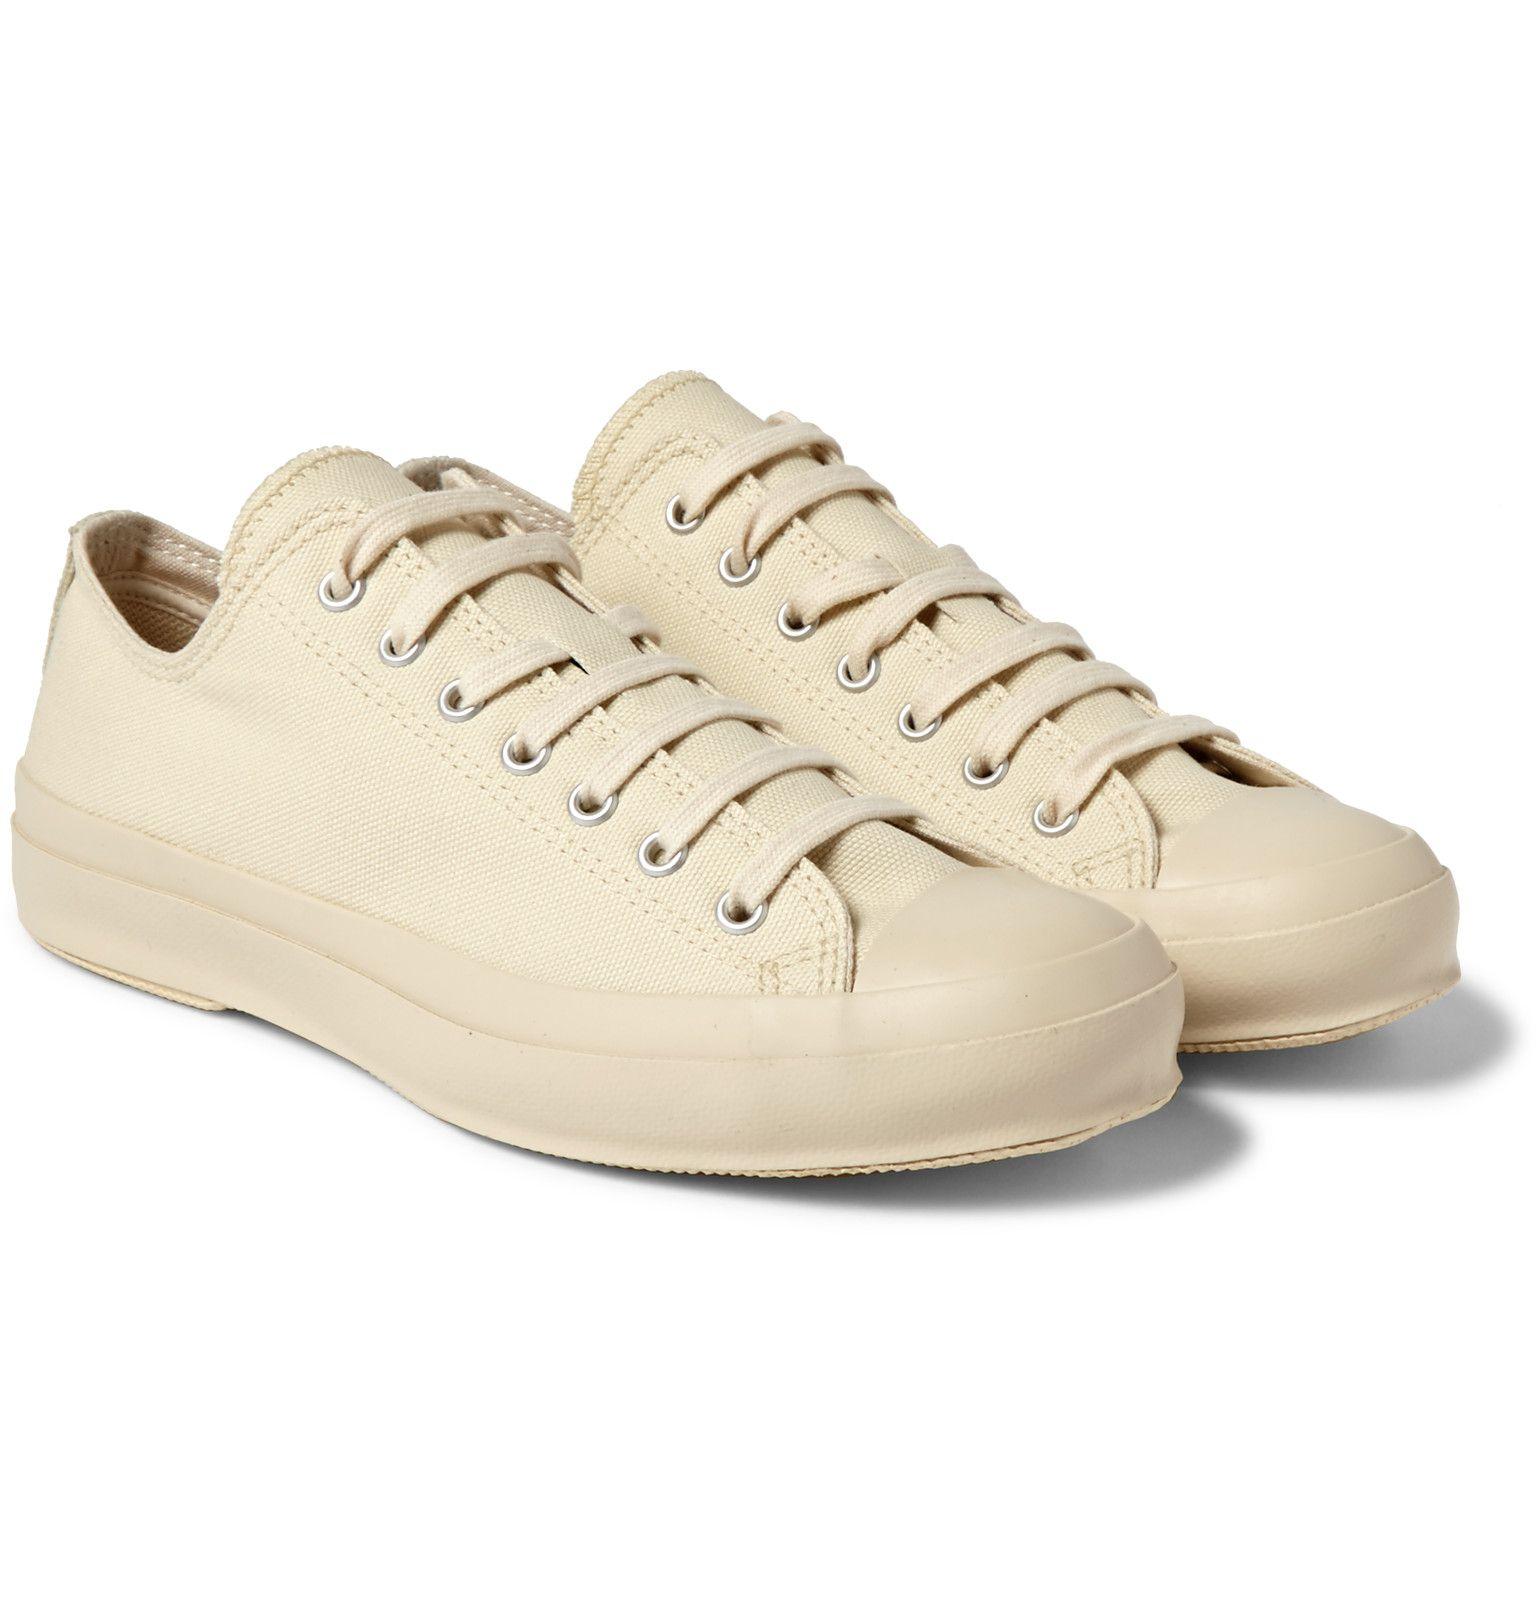 Canvas - Sneakers Men Beige selected el-beige Canvas - Sneakers Men Beige selected el-beige Marsèll zapatos ajustados slip-on - Nude Y Neutro farfetch el-beige Camper sandalias con tira al tobillo con hebilla - Marrón farfetch el-marron Marsèll zapatos derby Ambo 2001 - Negro farfetch el-negro l0fOrrWtc